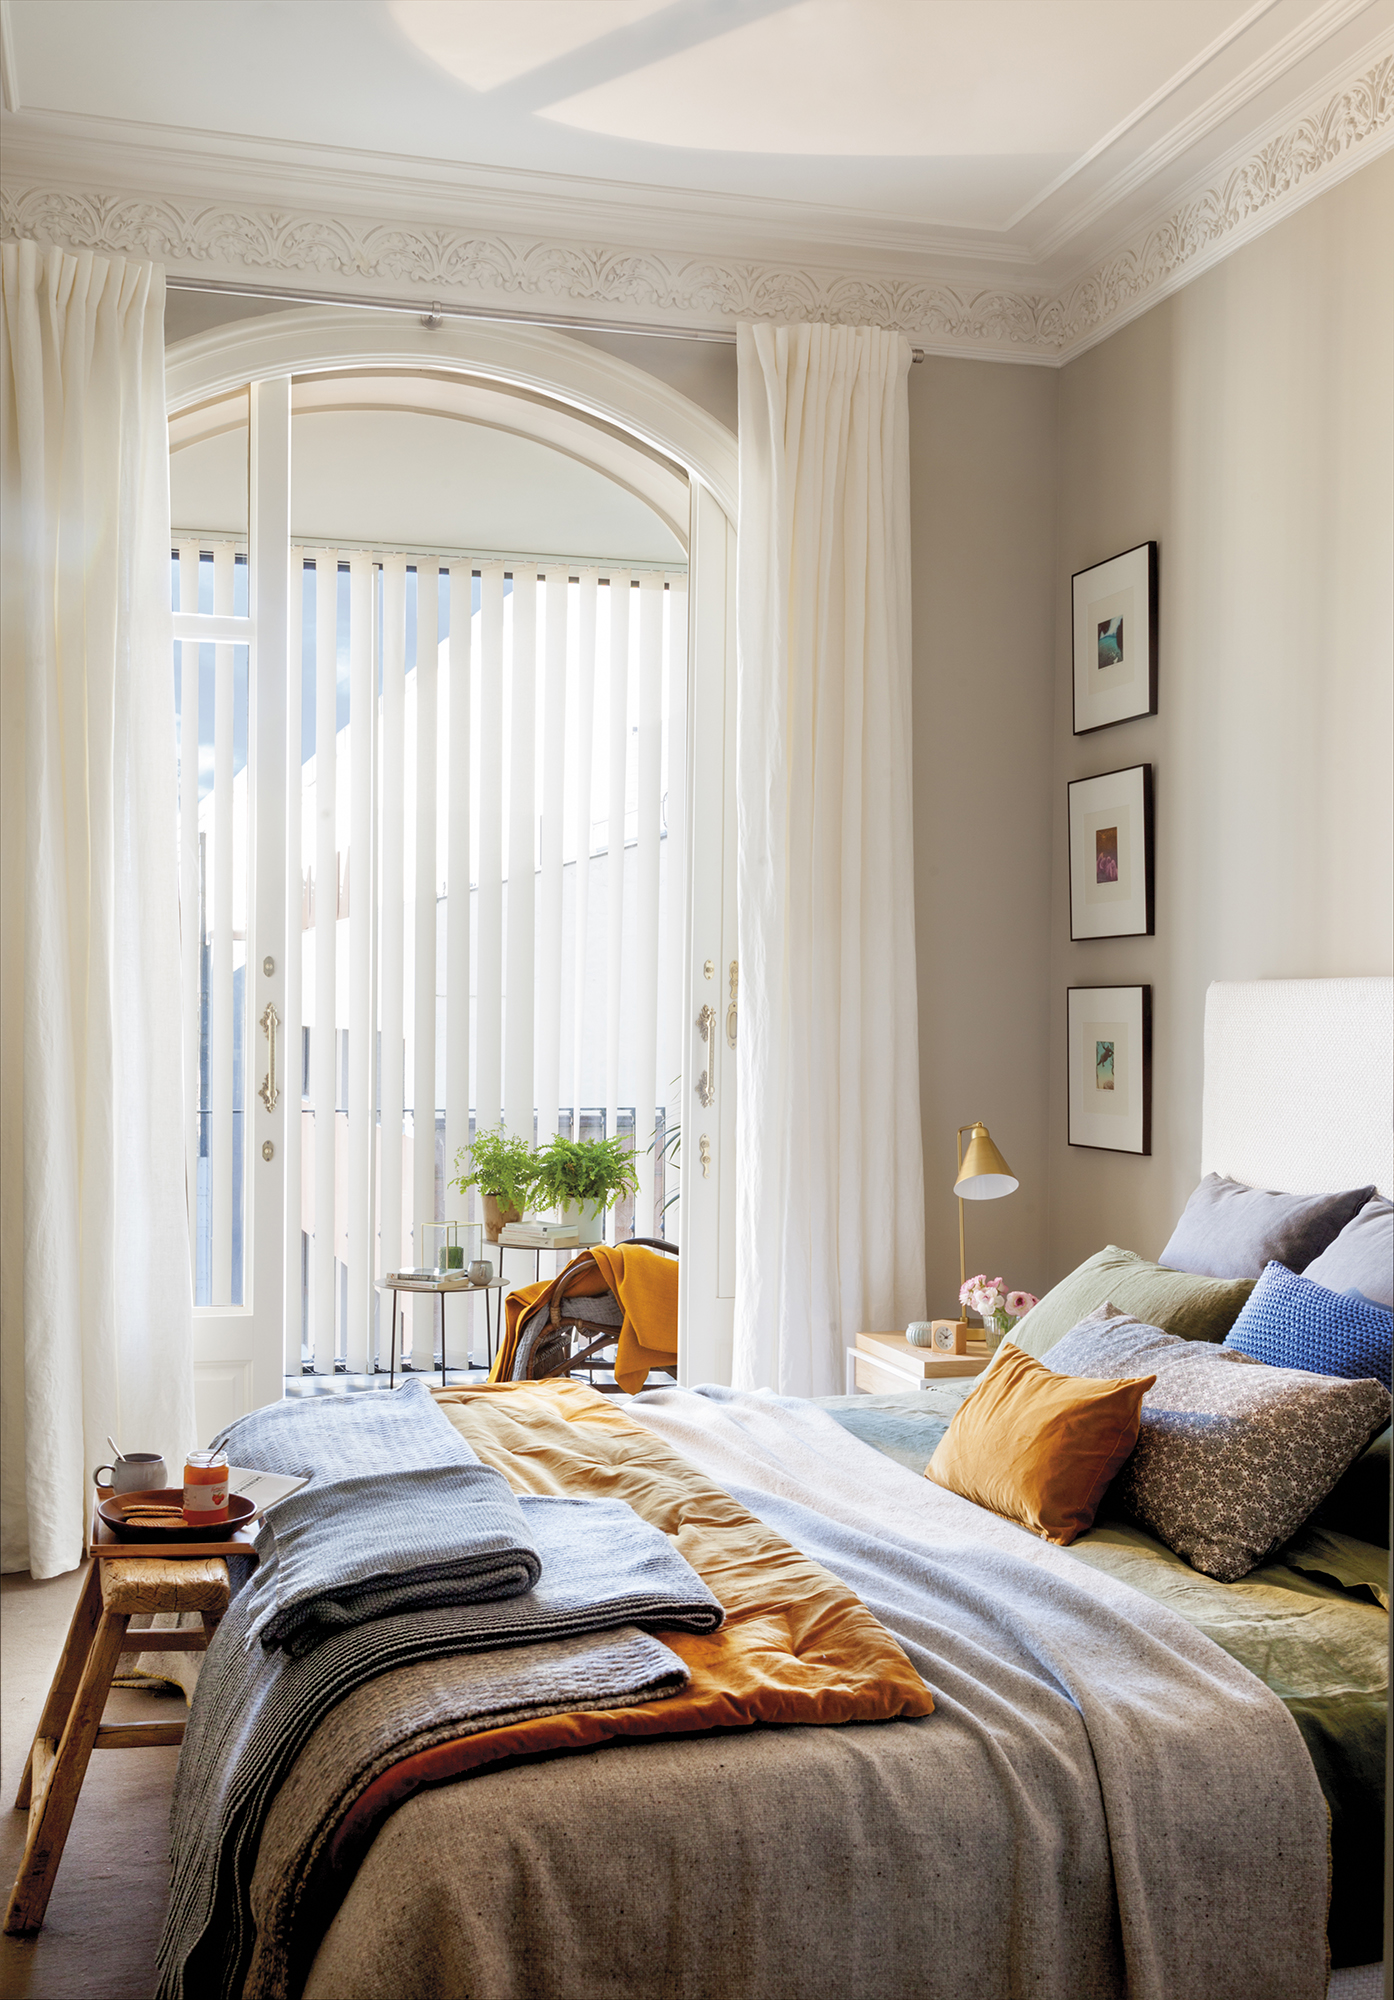 Un piso se orial con m s luz y m s amplio con una reforma - Que cuadros poner en el dormitorio ...